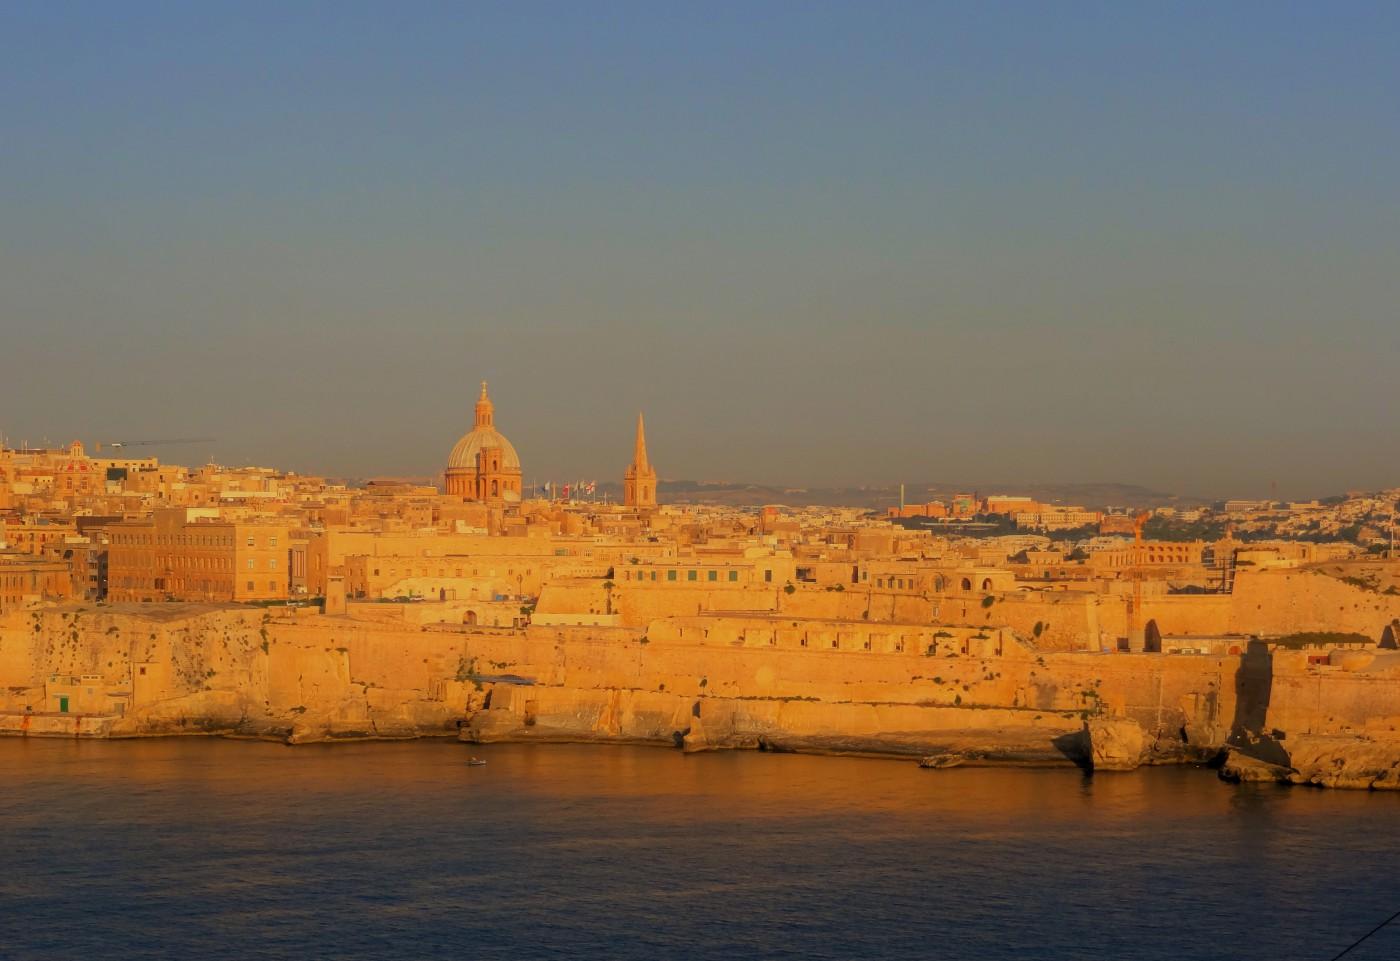 La Valleta Hafen von Malta